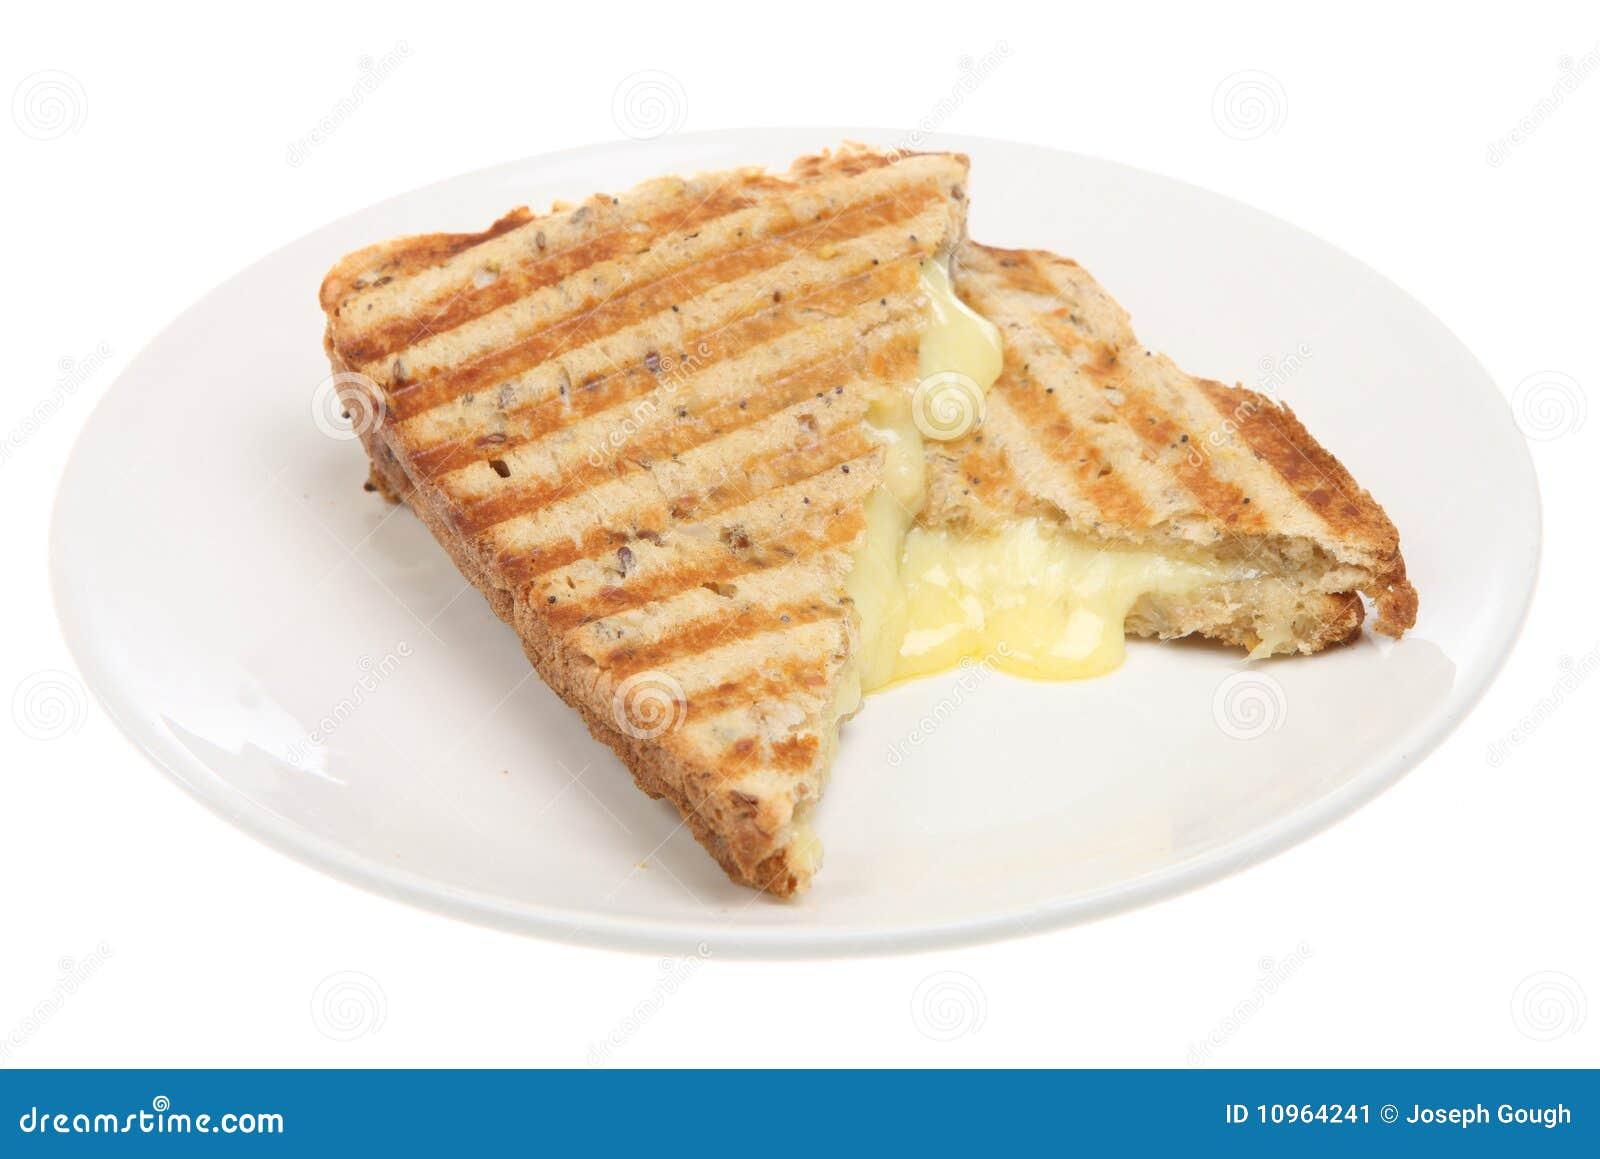 Ost pressande smörgåsrostat bröd